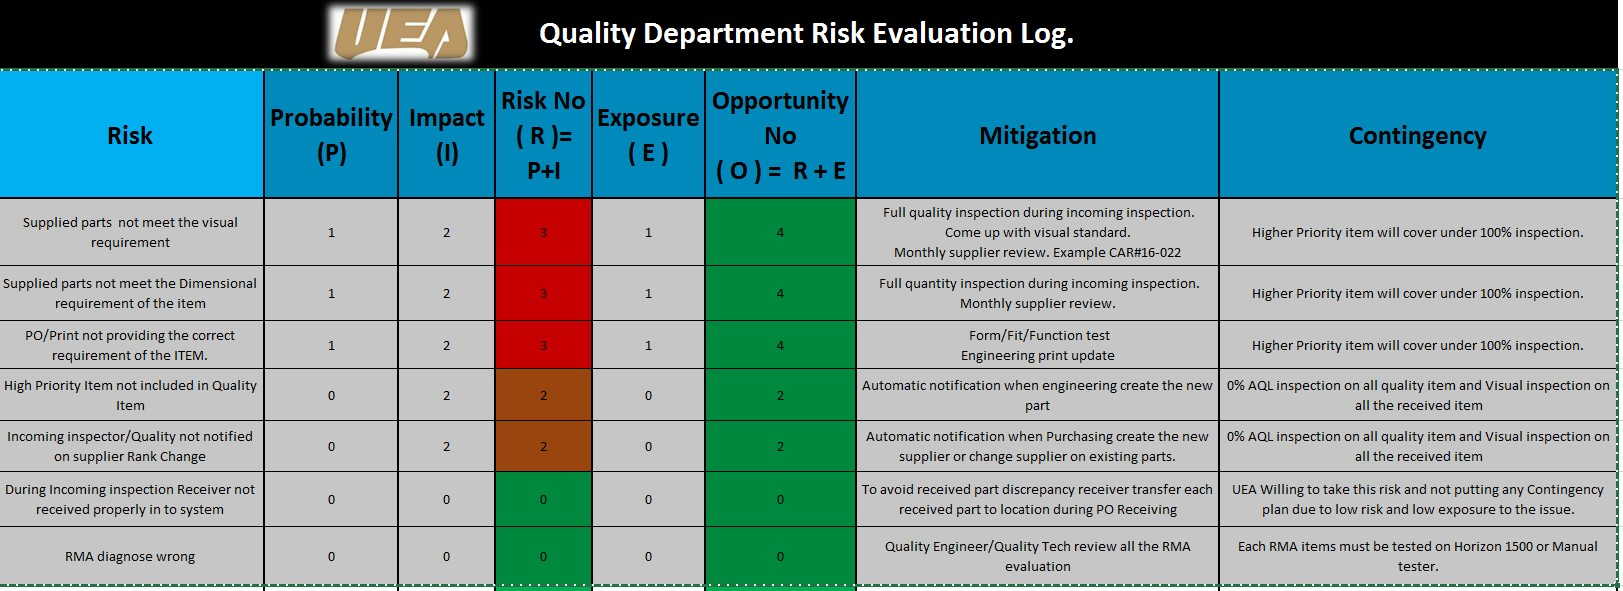 risk evaluation log